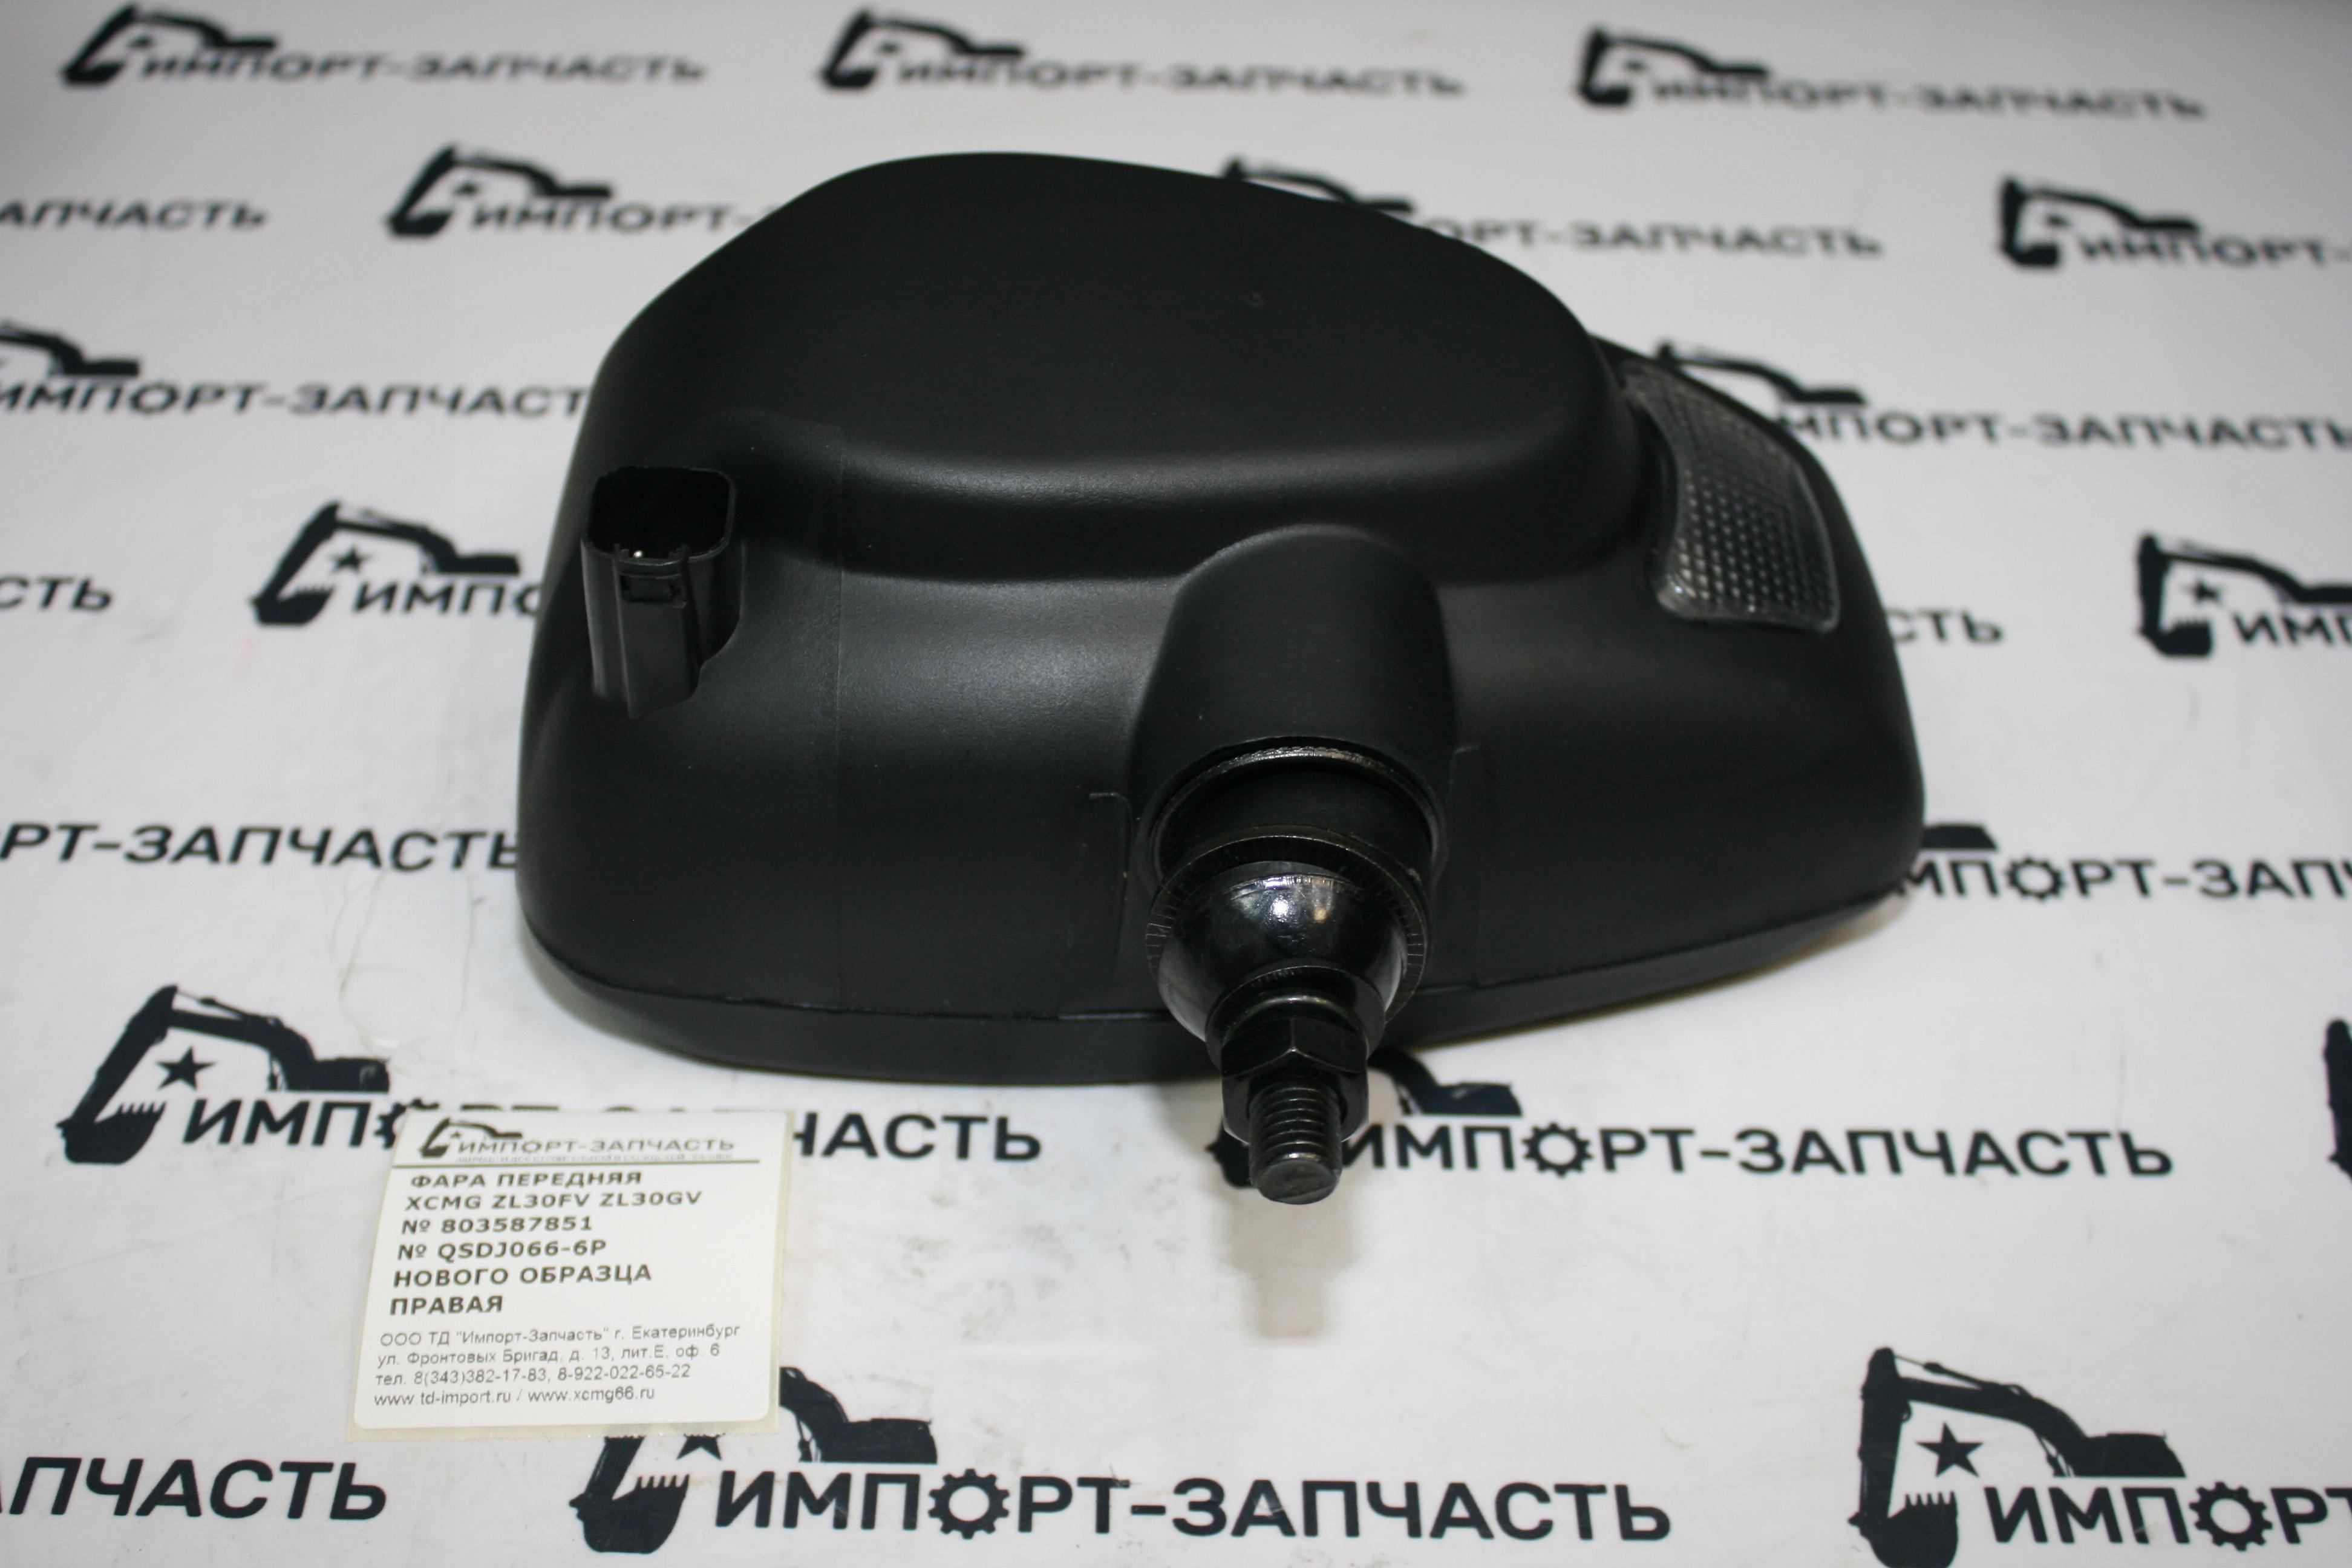 Фара передняя 803587851 XCMG LW300FN ZL30FV